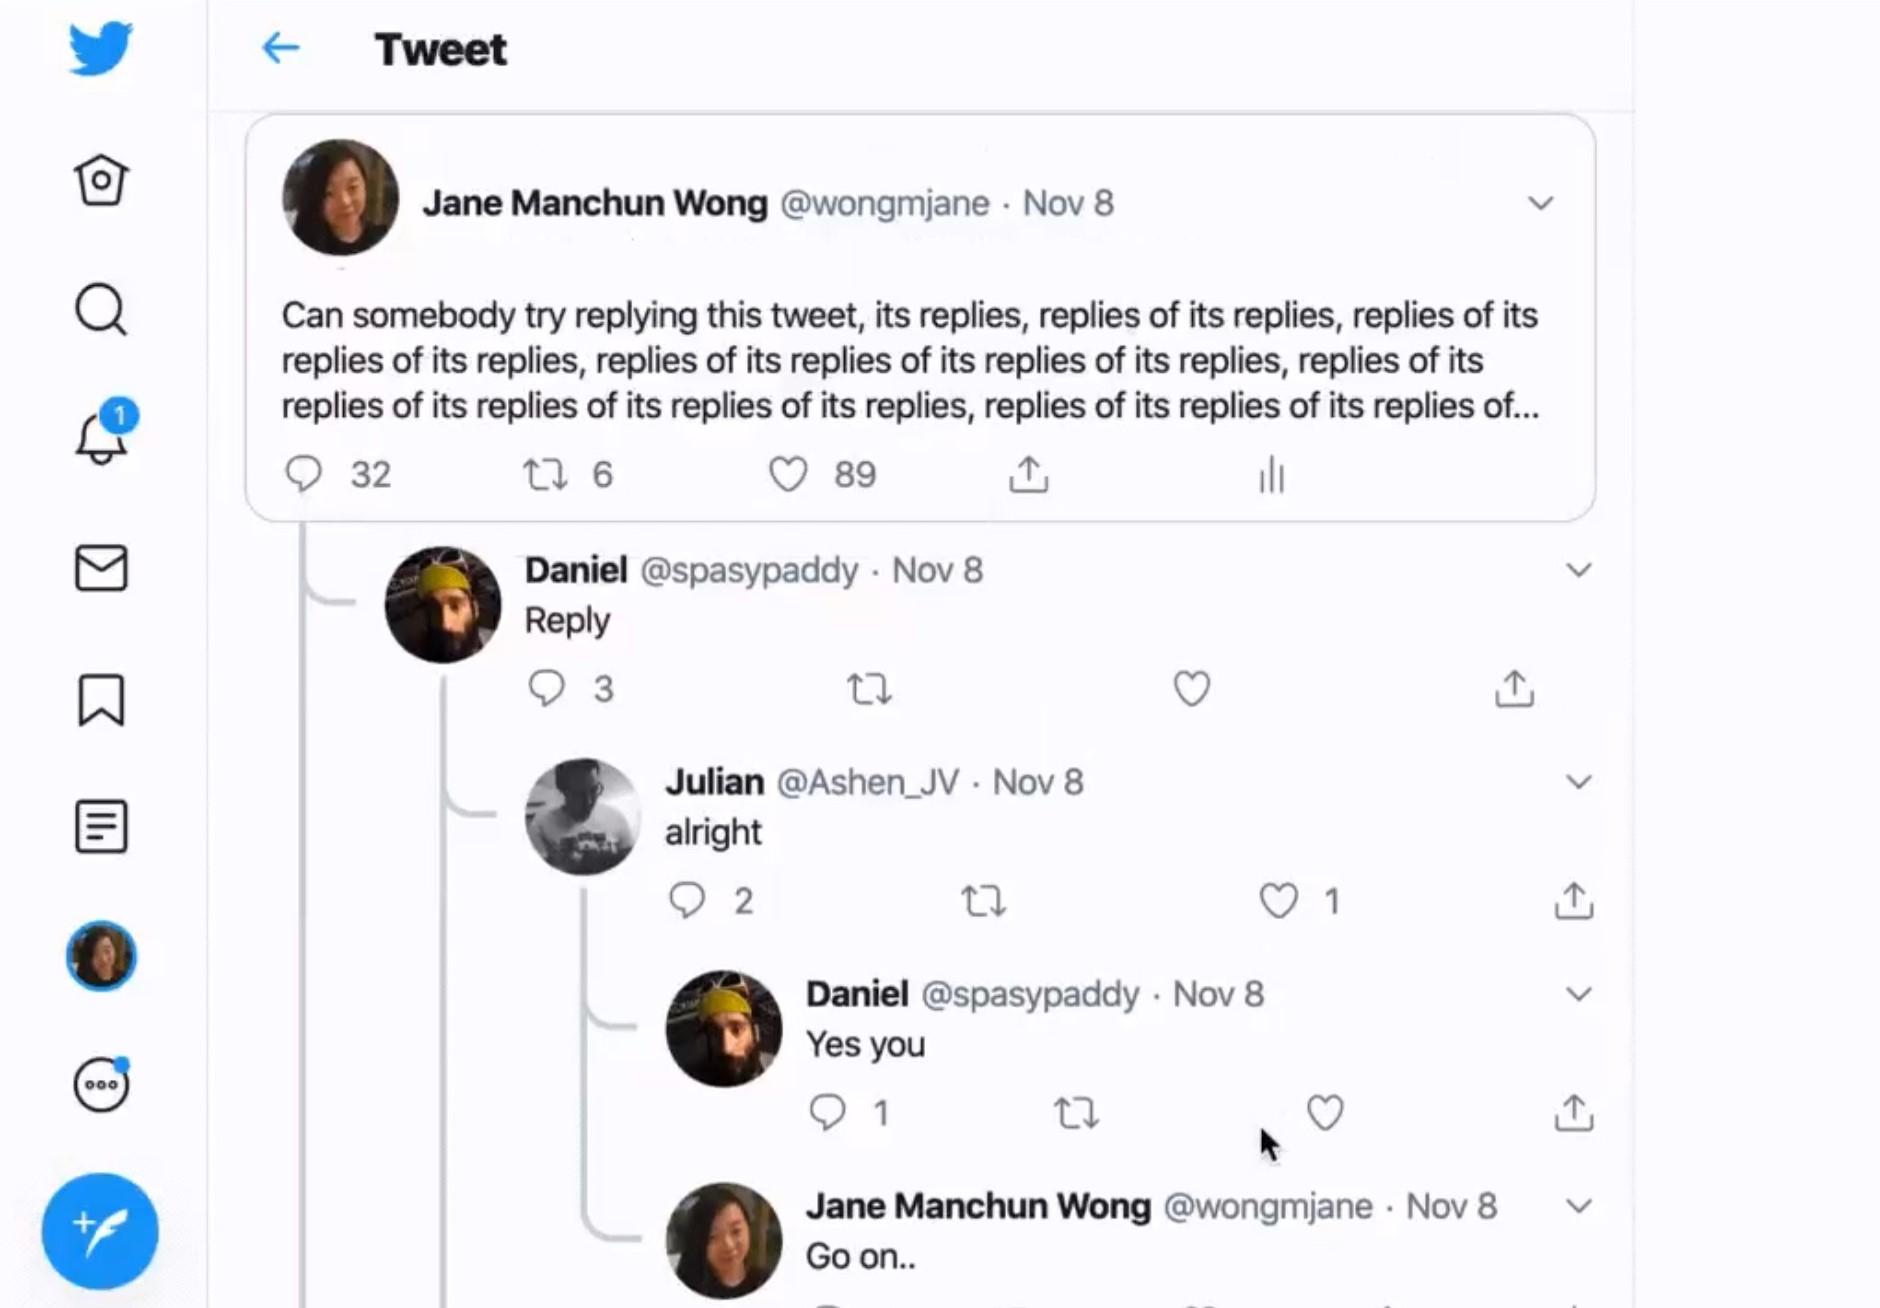 Hej #Twitter, przyzwyczajaj się do widoku drzewek w konwersacjach